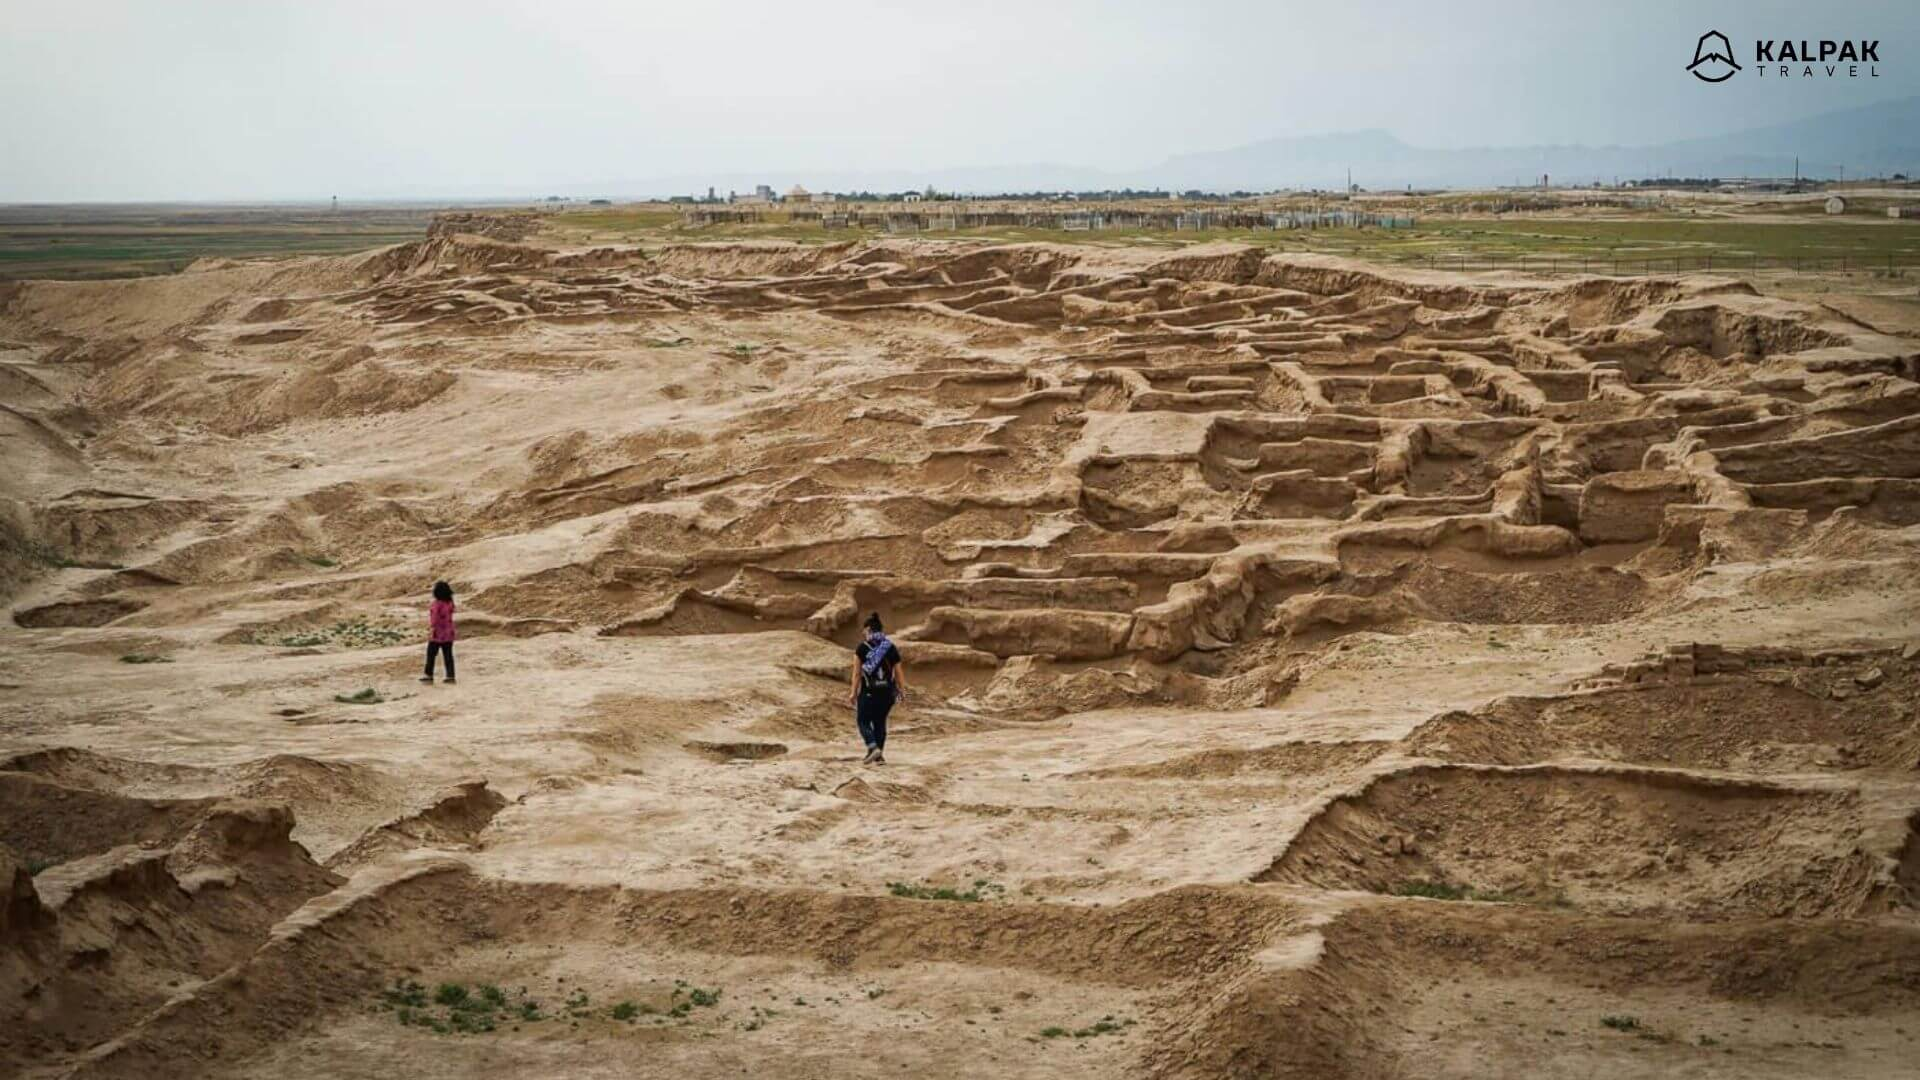 Termez has ancient ruins in Uzbekistan